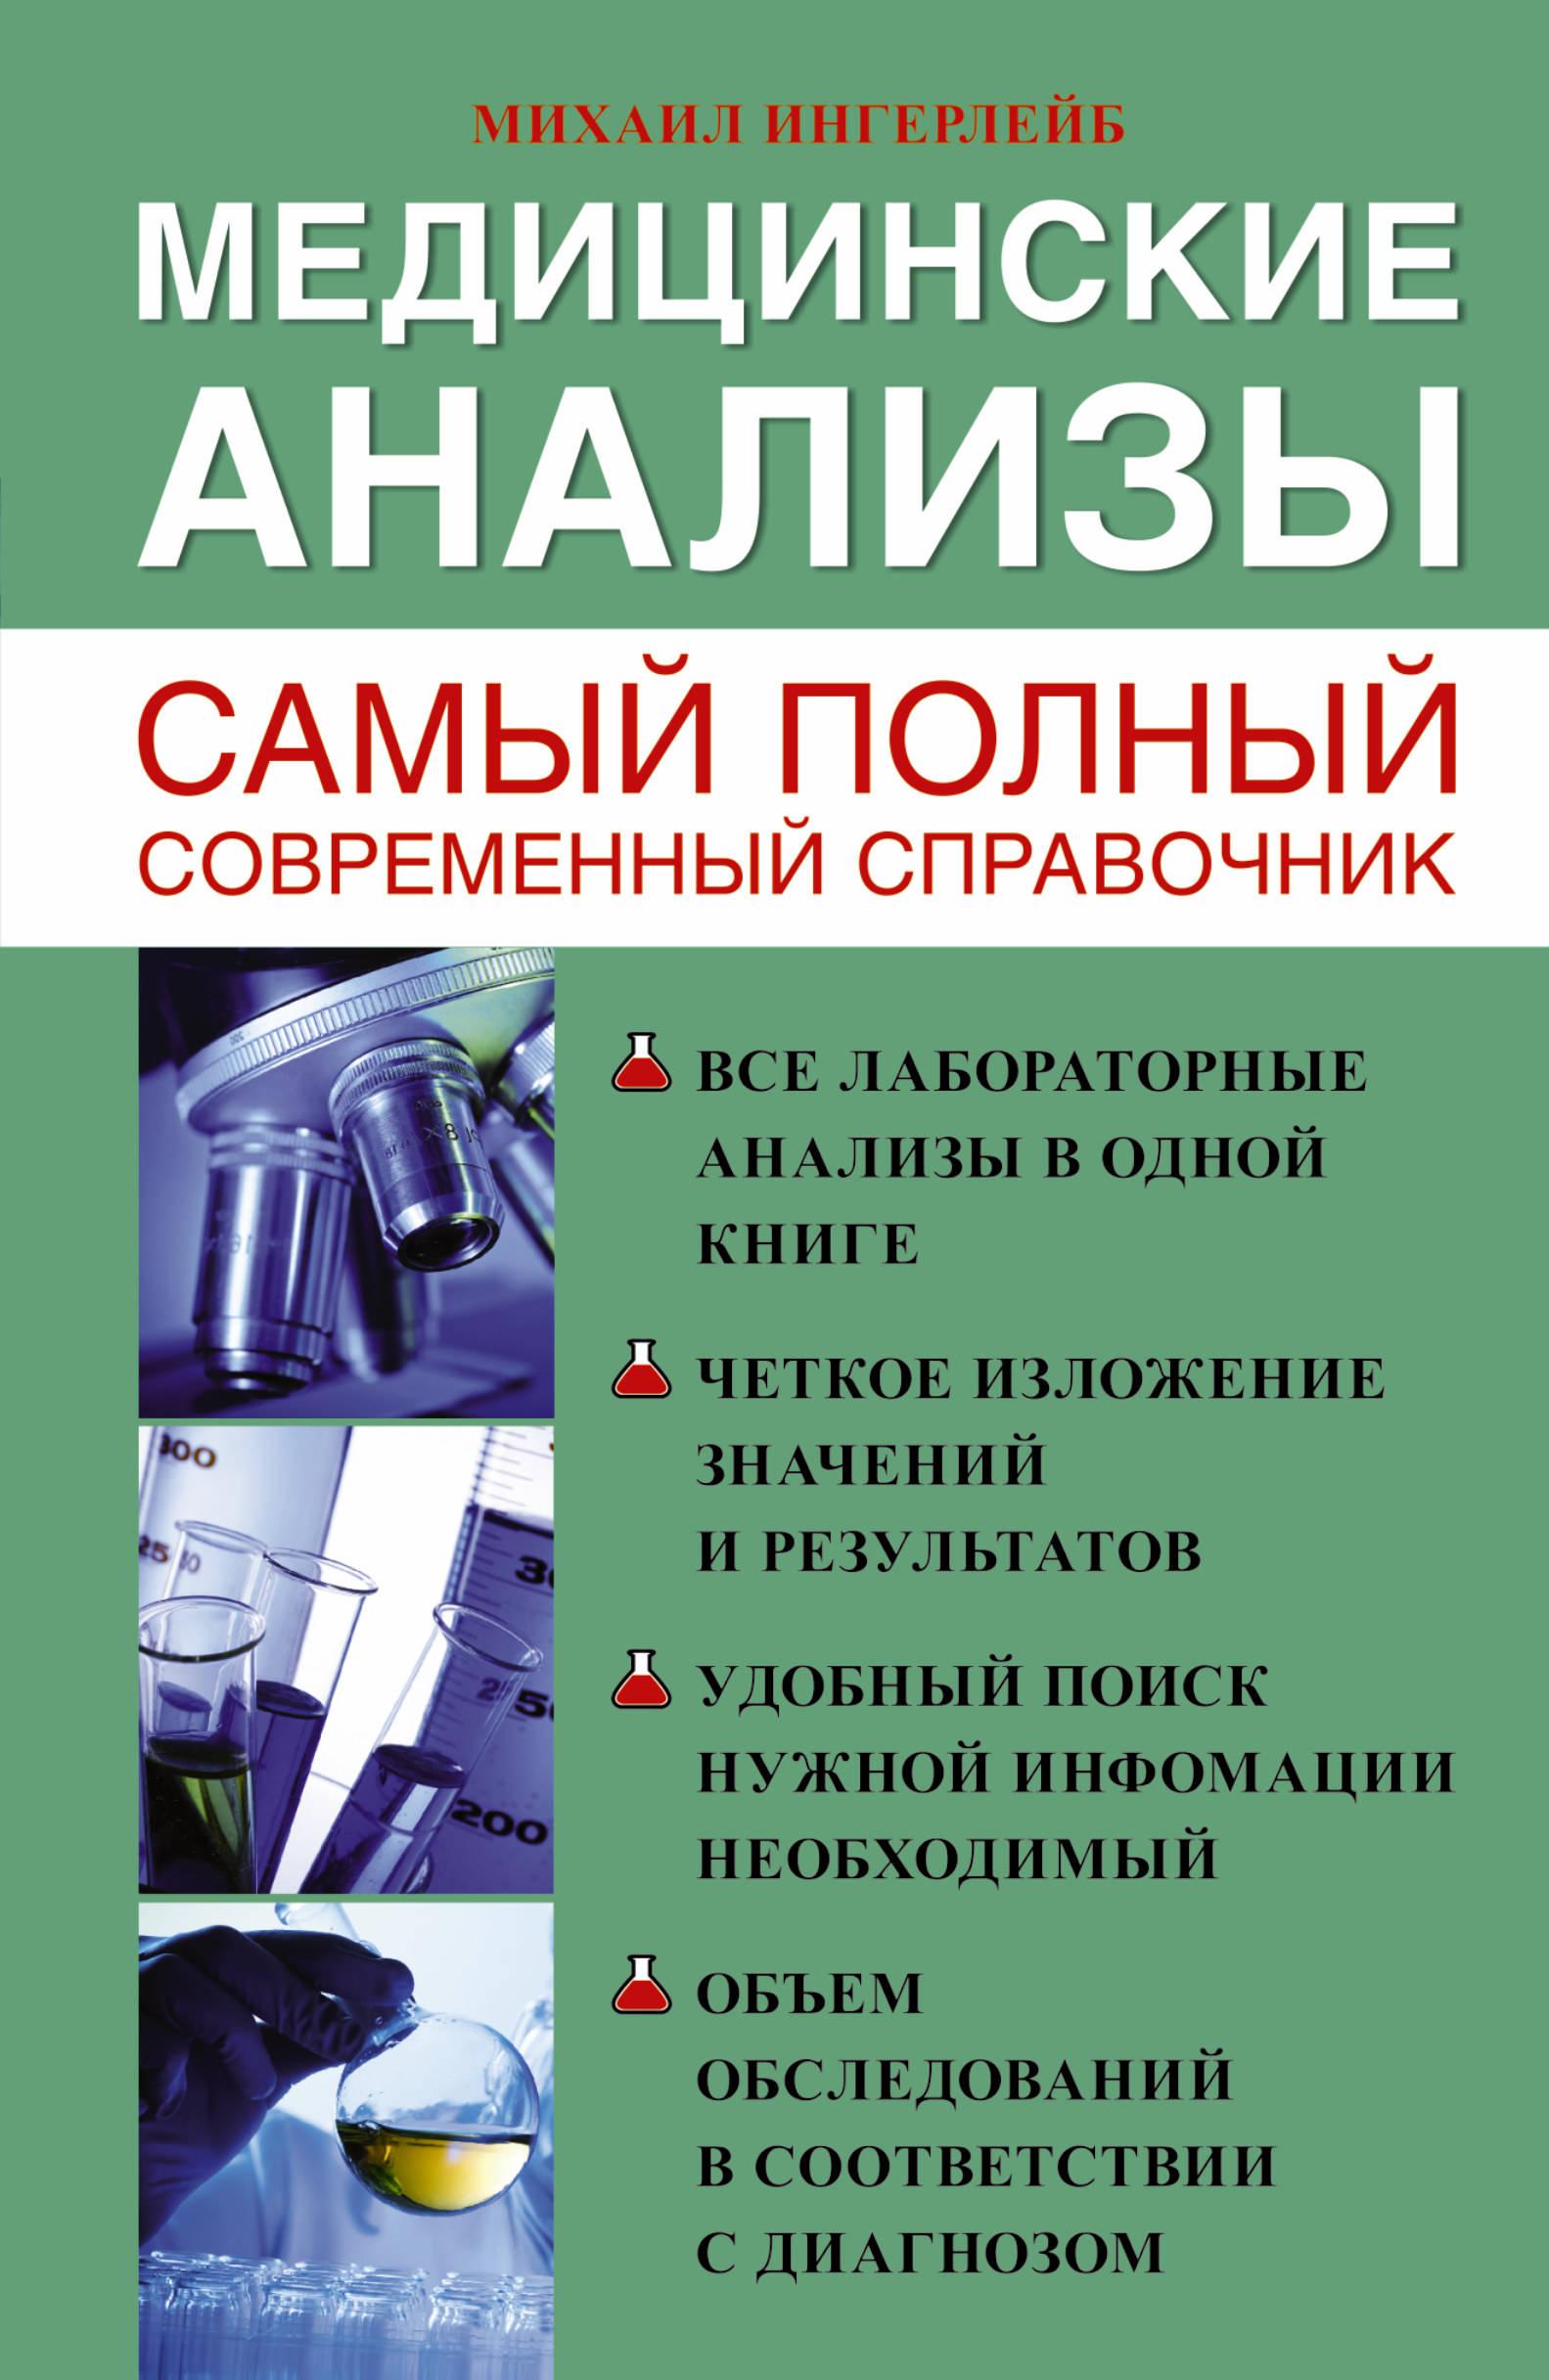 Медицинские анализы. Самый полный справочник ( Михаил Ингерлейб  )